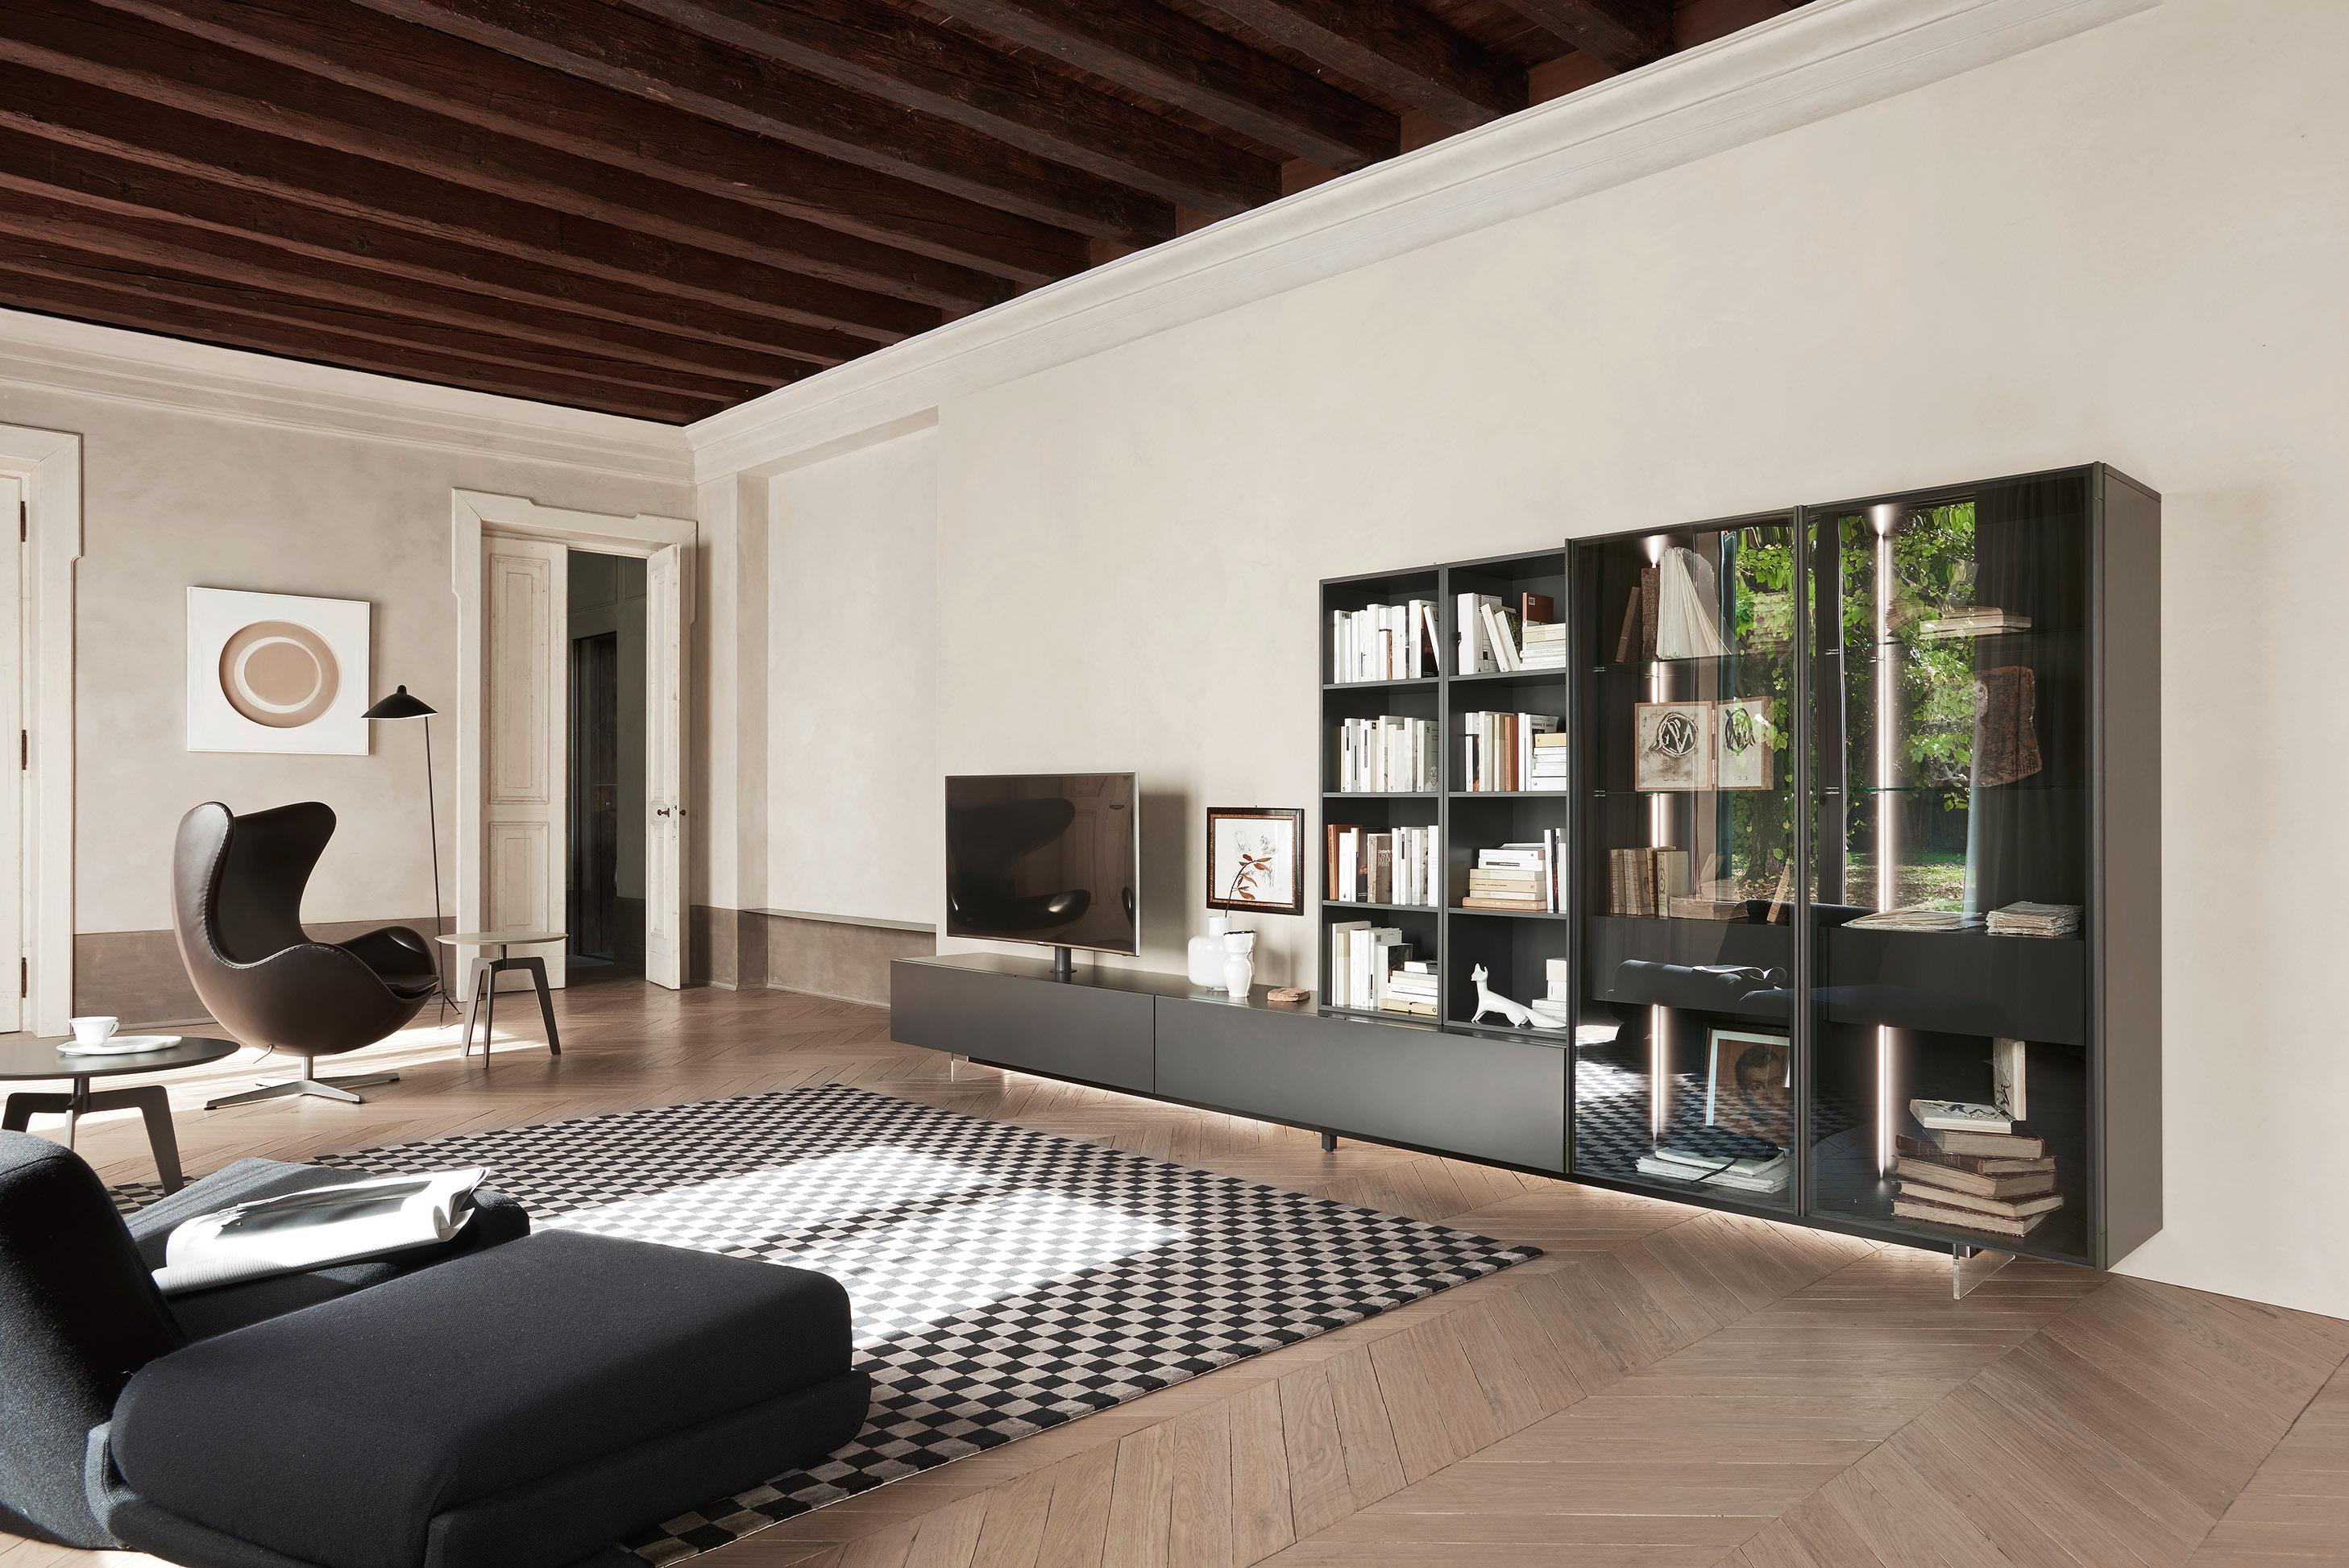 88 wohnzimmerschrank freistehend details